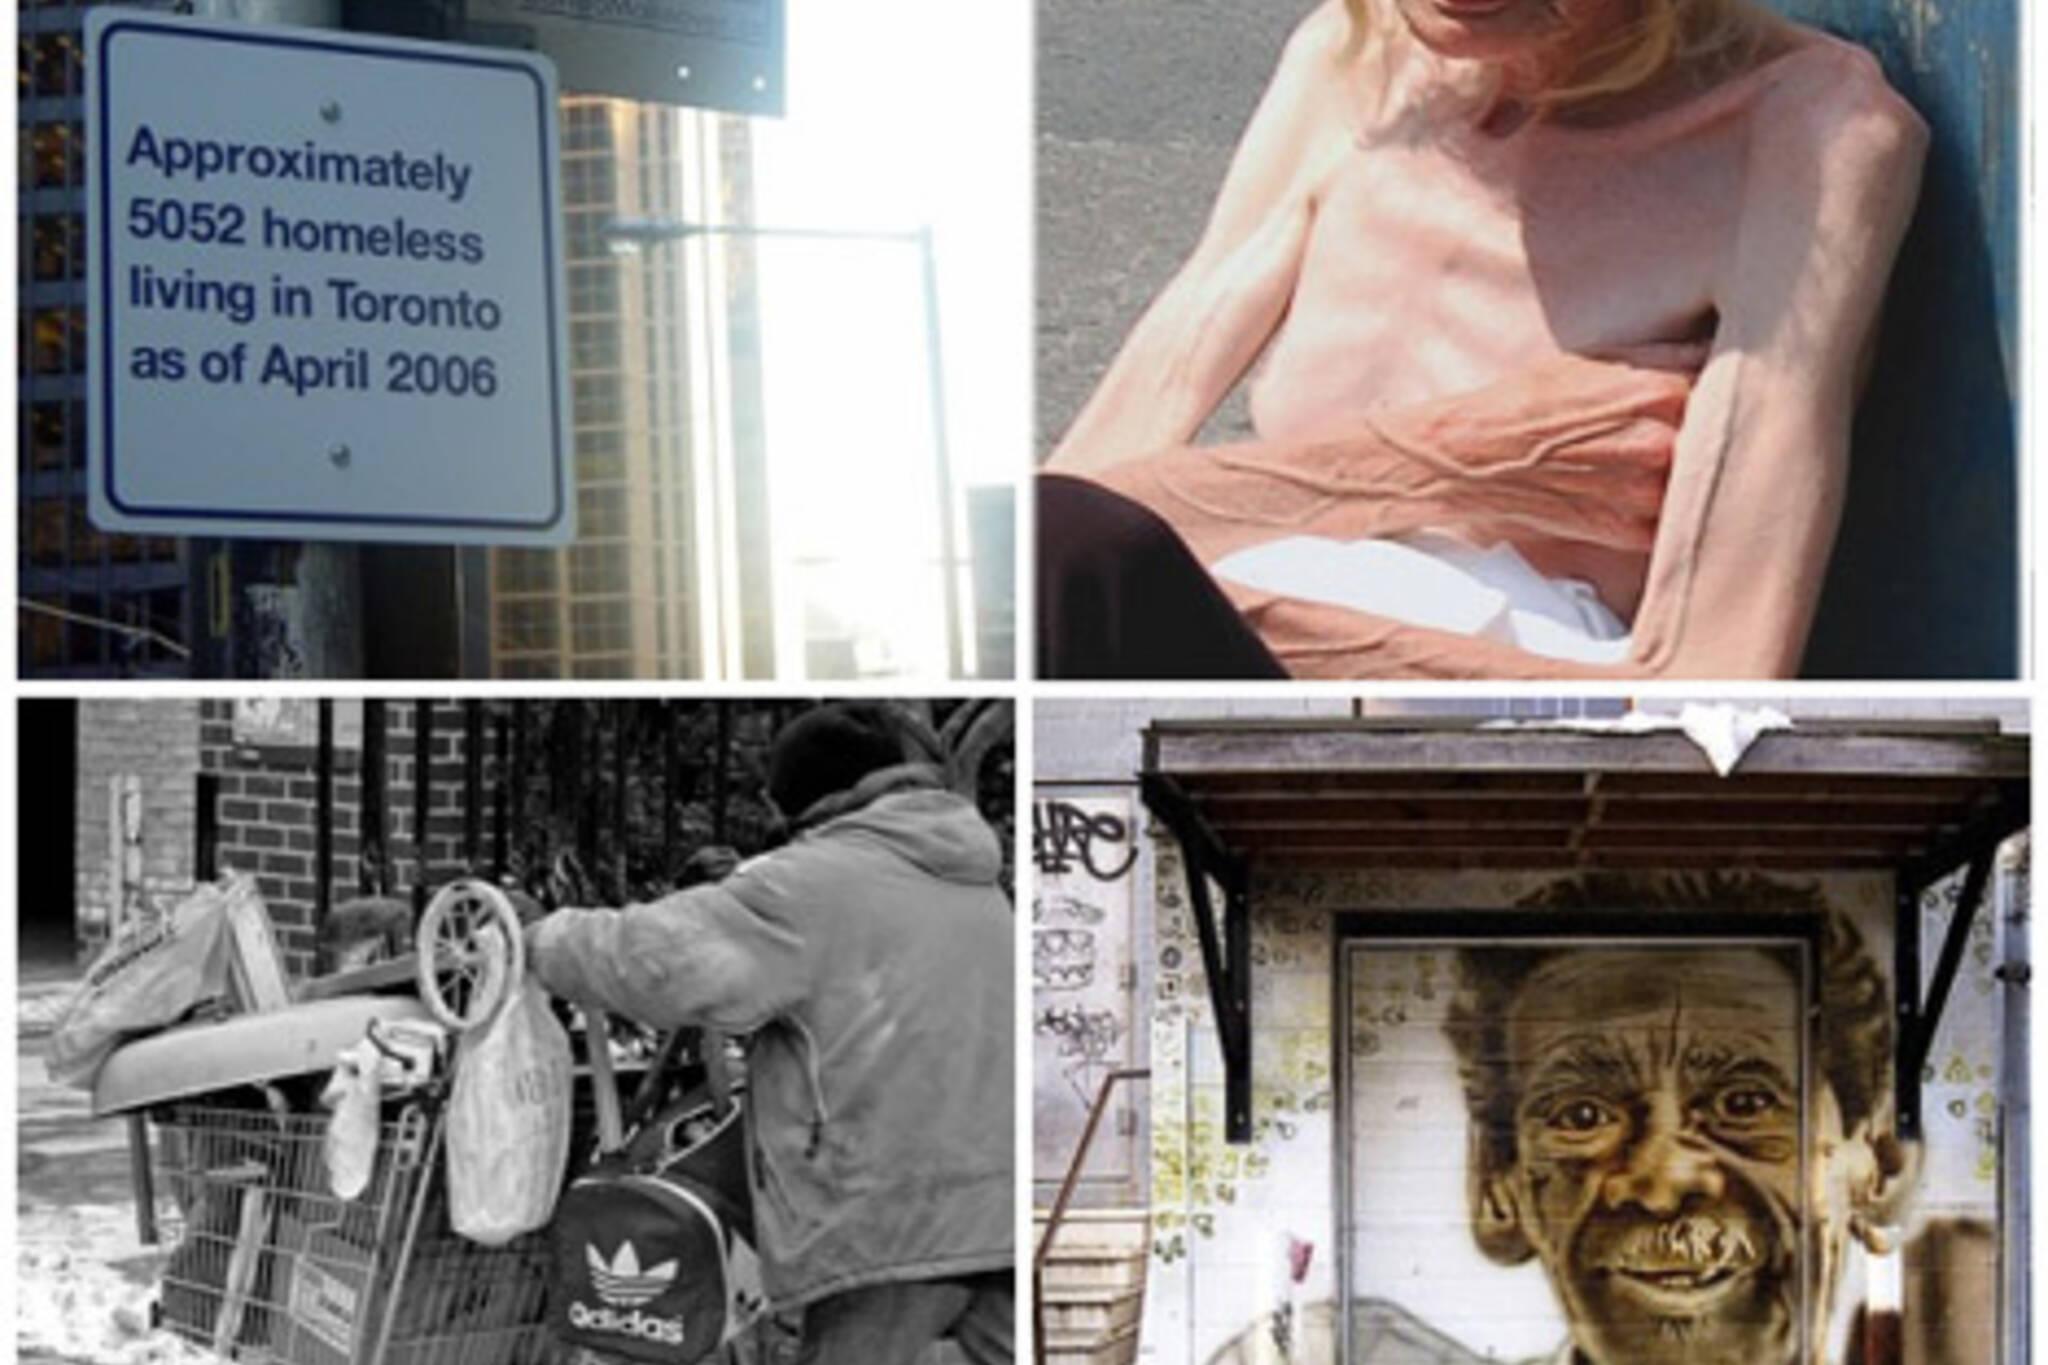 20070104_homeless1.jpg